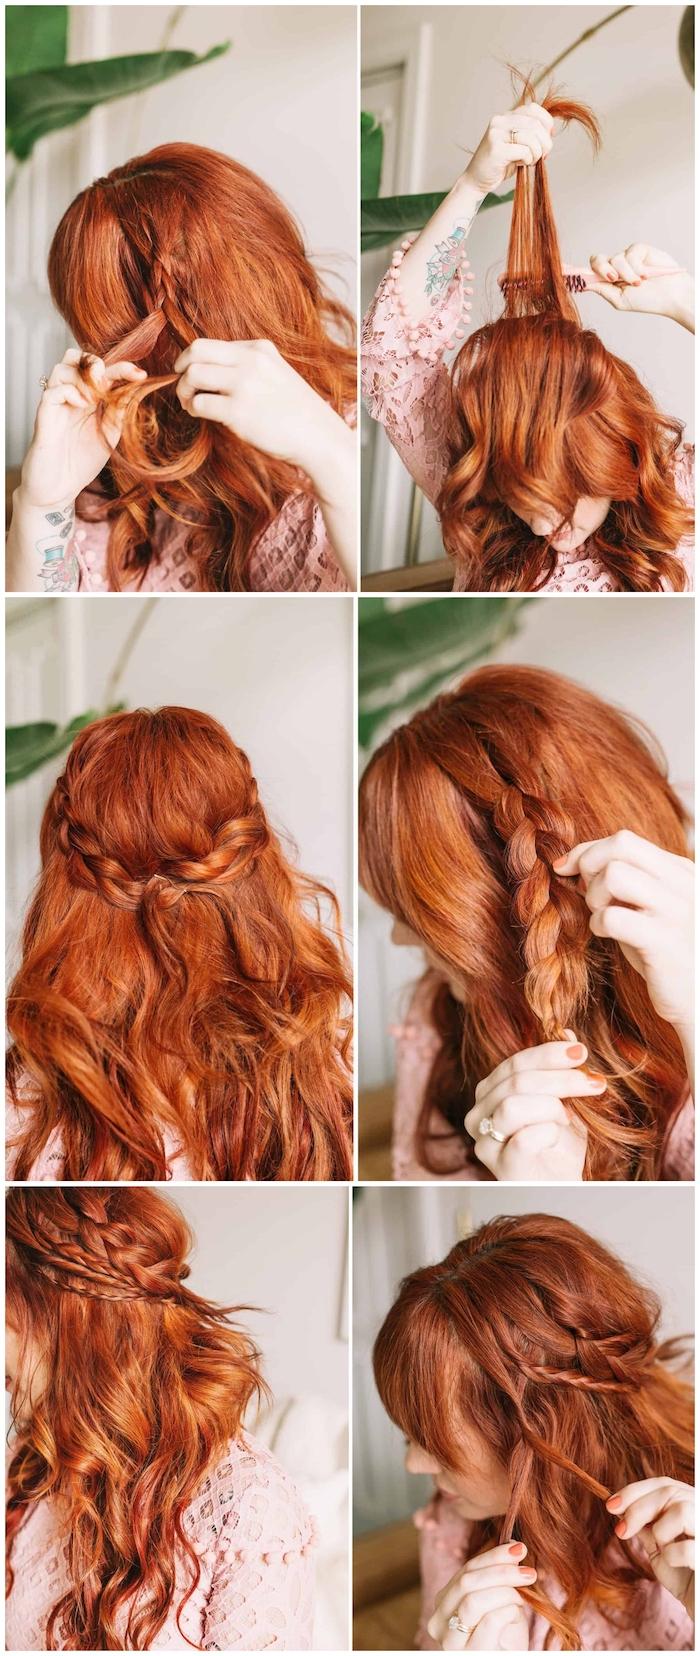 diy anleitung mittelalterliche flechtfrisuren lange rote haare mit wellen schritt für schritt frisur selber machen